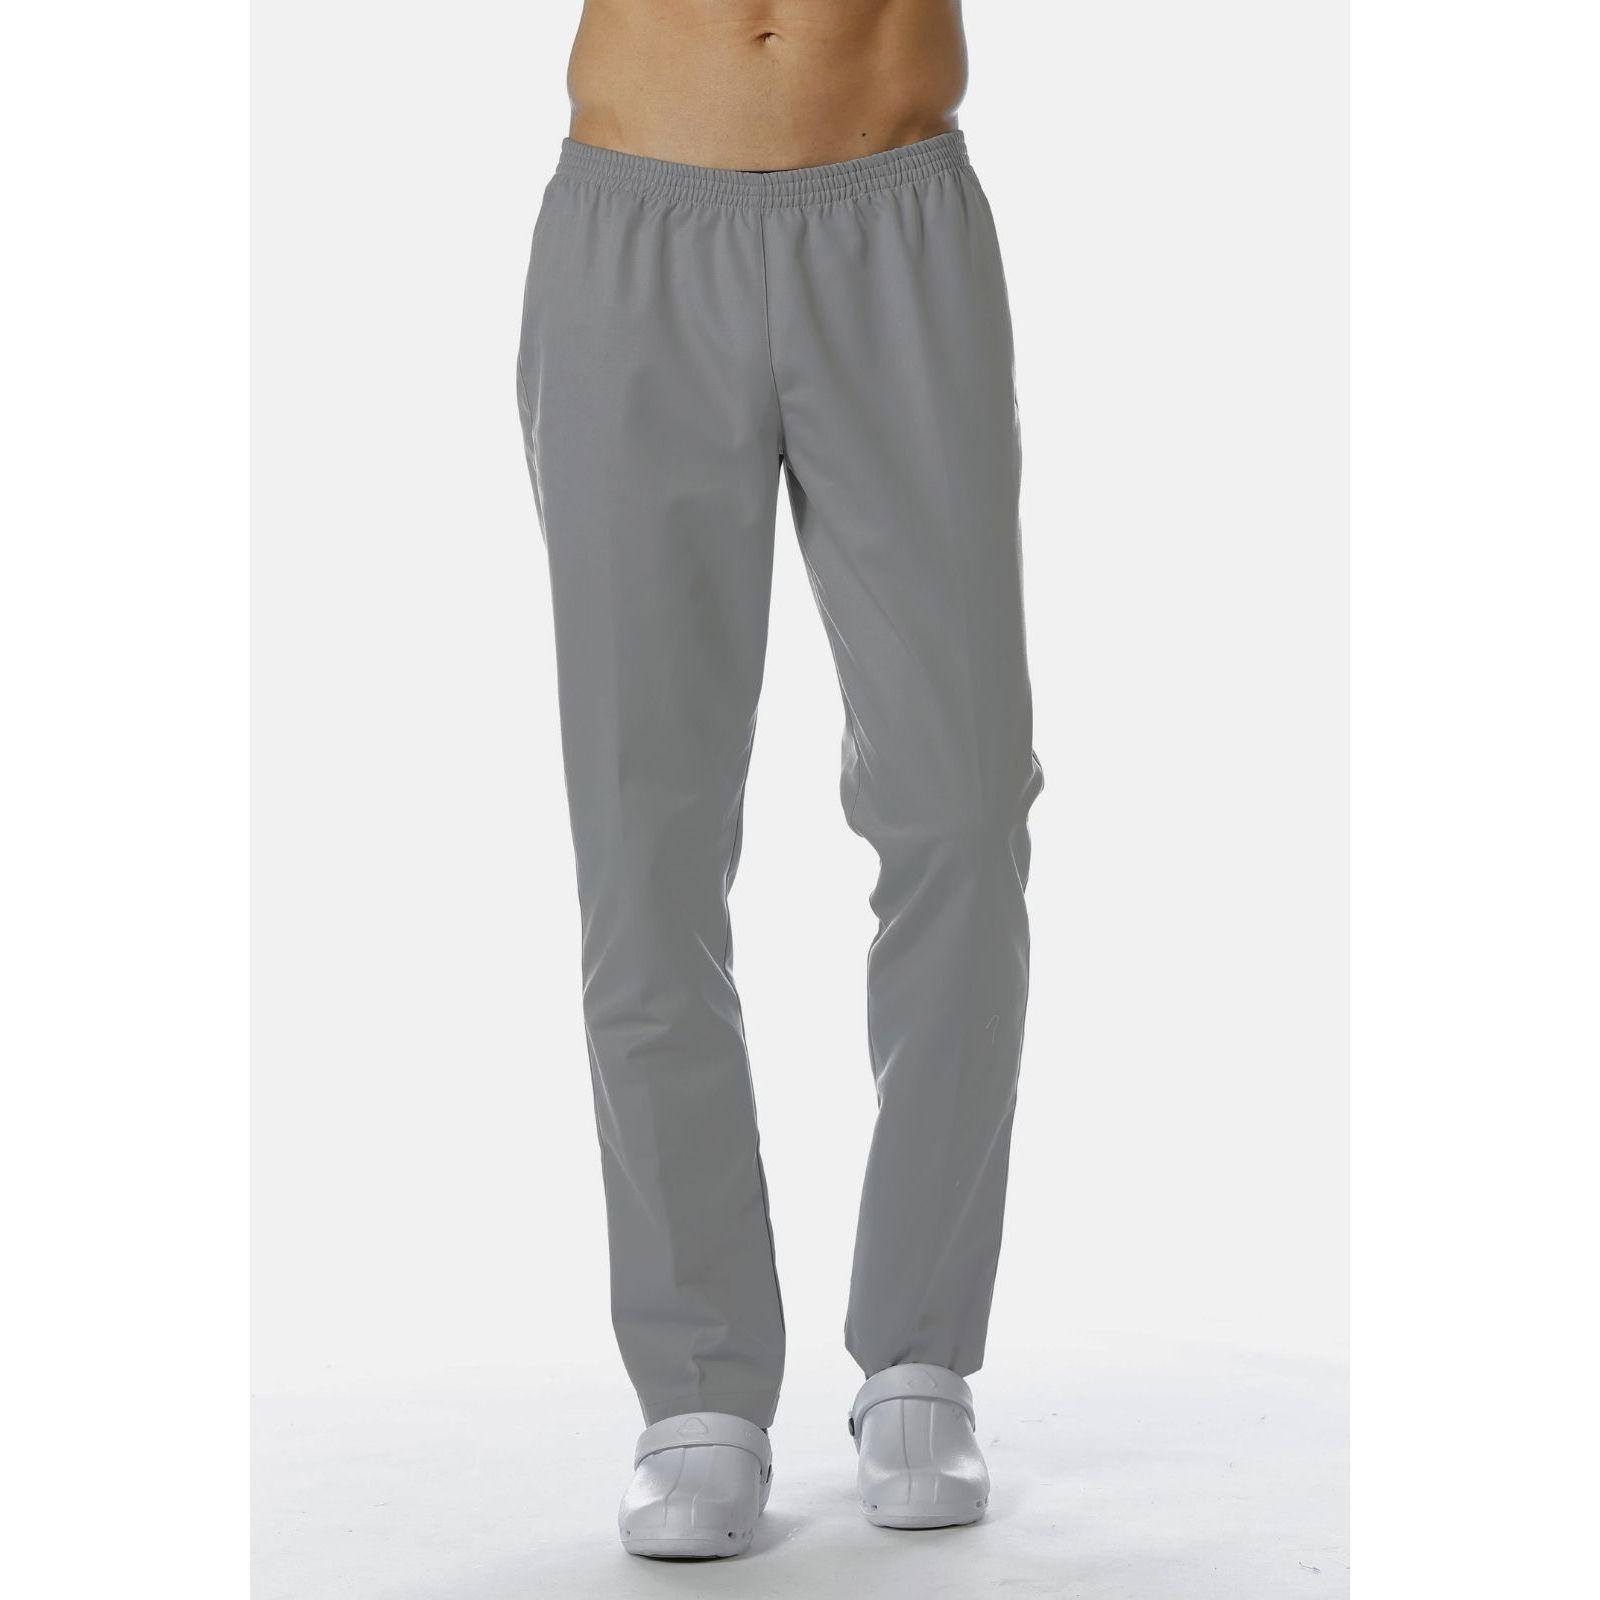 Pantalon Médical Gris, Unisexe, Taille élastique, Camille Lavandie (078VGR)